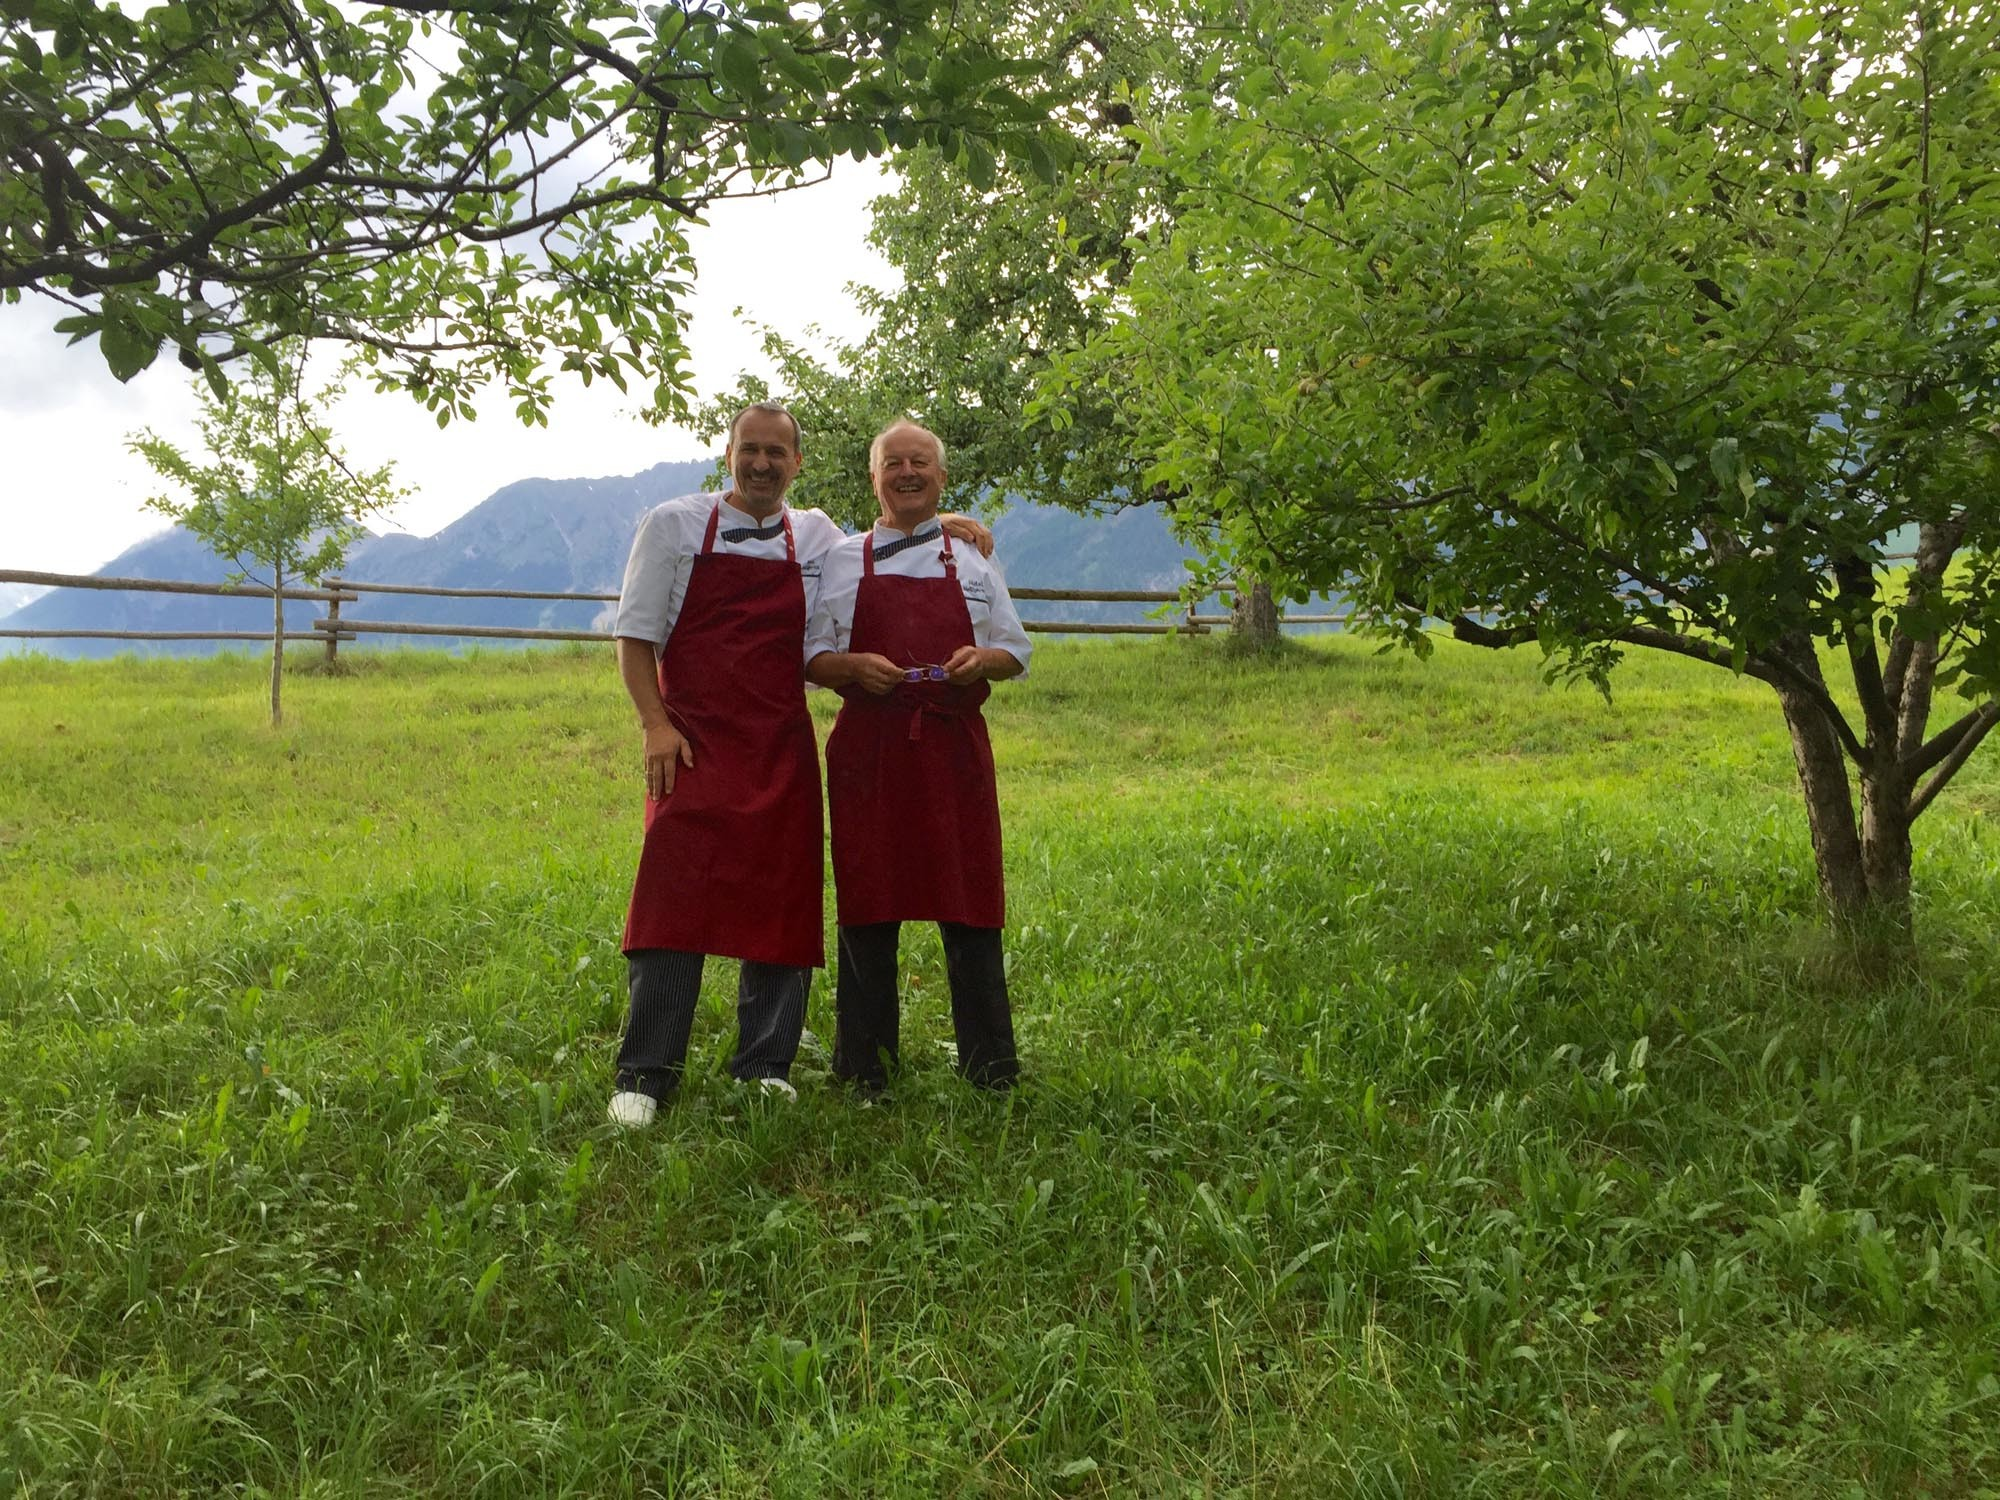 Senior Helmut und Junior Rainer im Obstgarten des Hotel Heiligkreuz